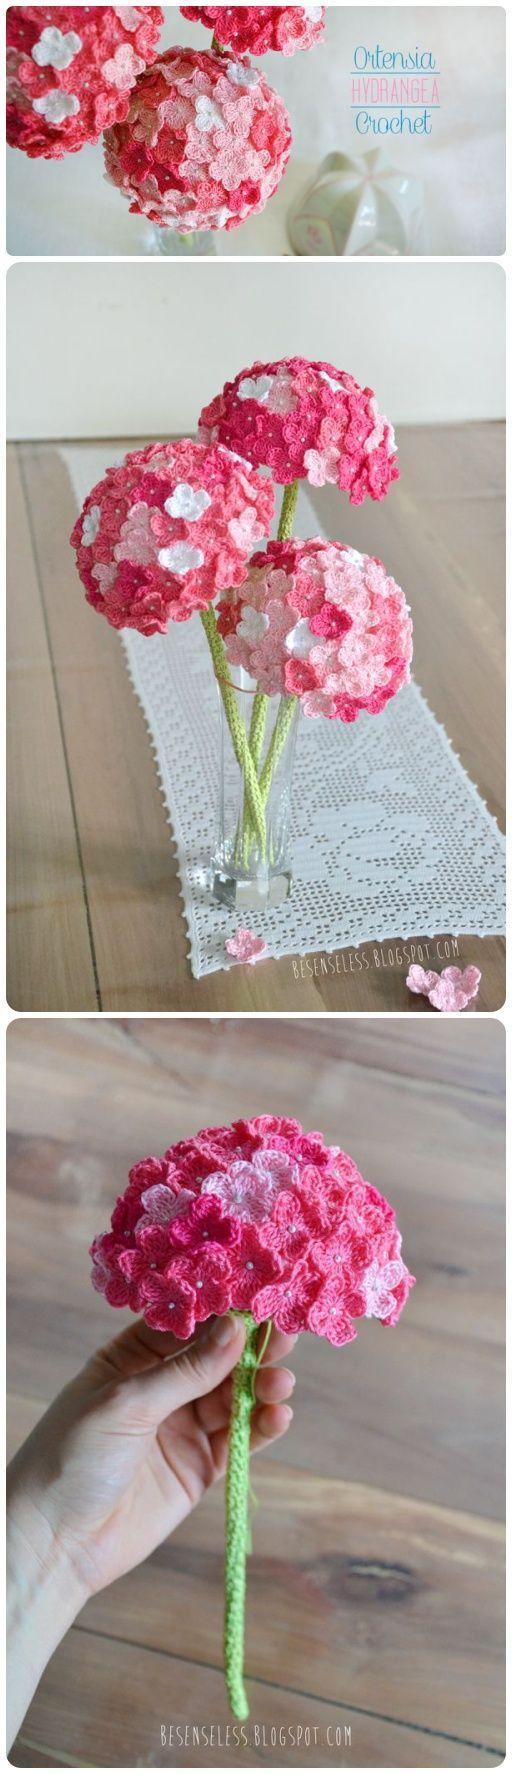 Crochet Hydrangea Flower with Free Pattern | Stiche, Muster und Häkeln